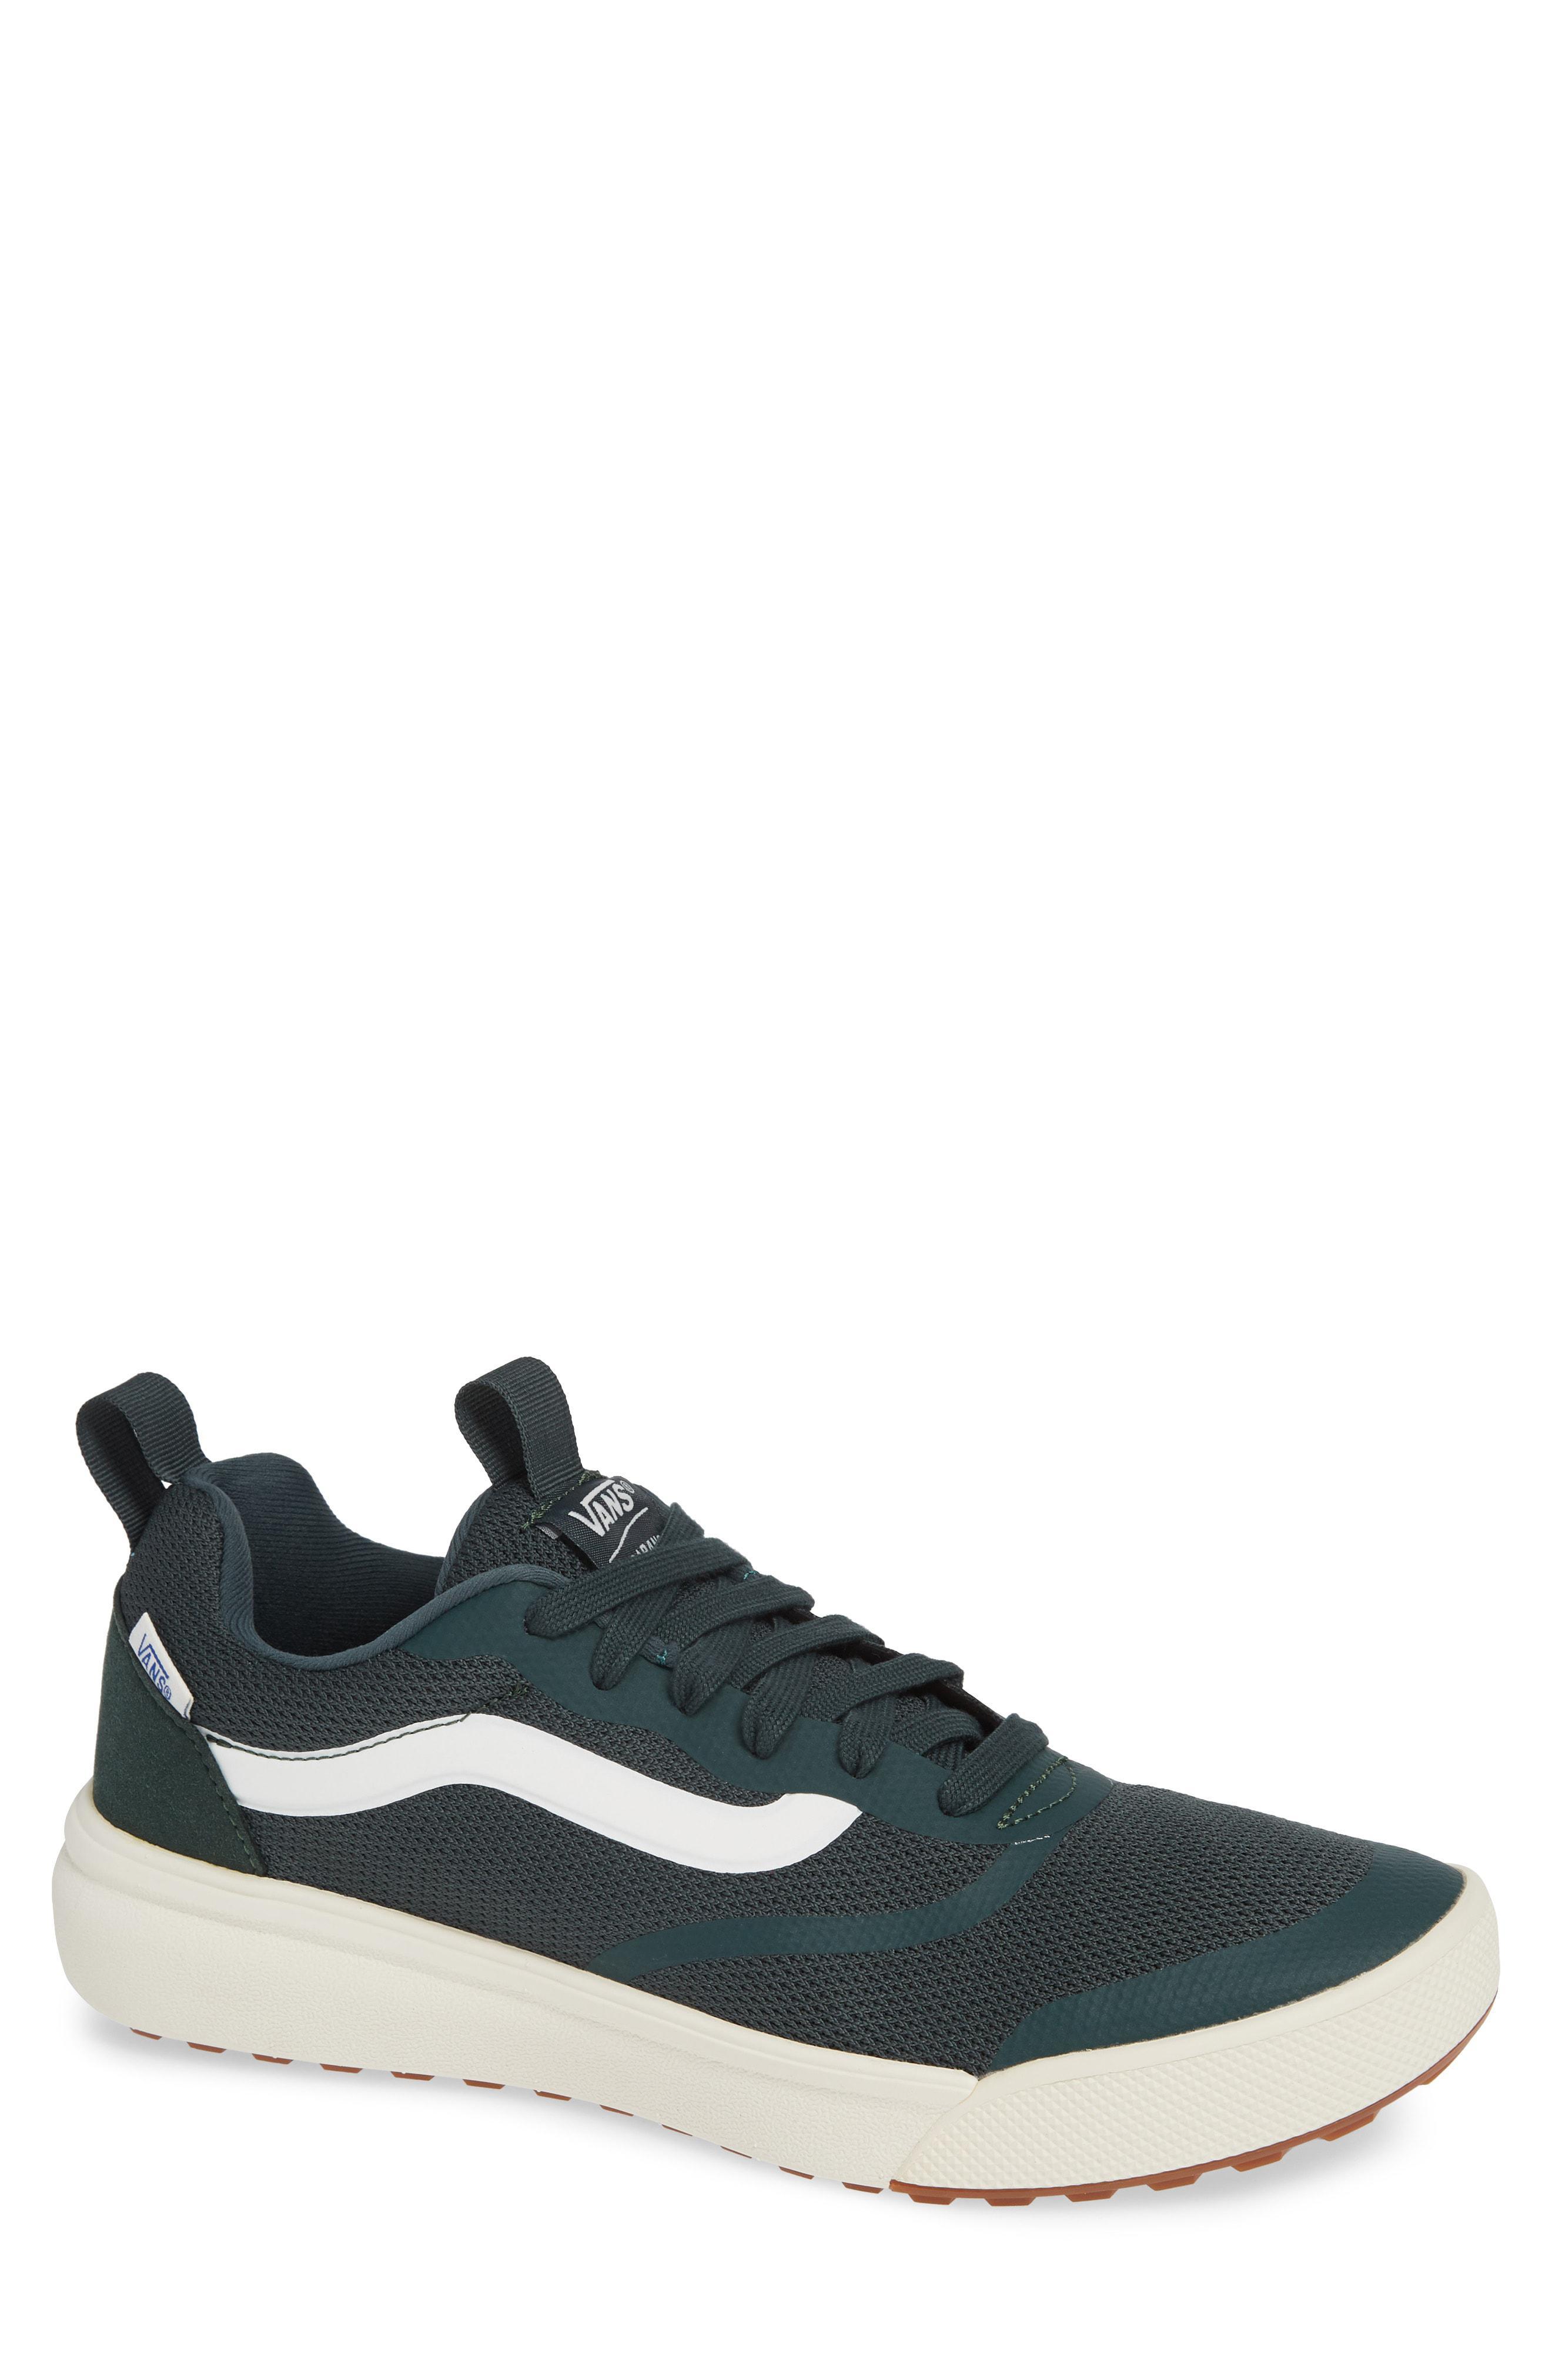 Lyst - Vans Ultrarange Rapidwield Sneaker in Green for Men 133ea3bc8